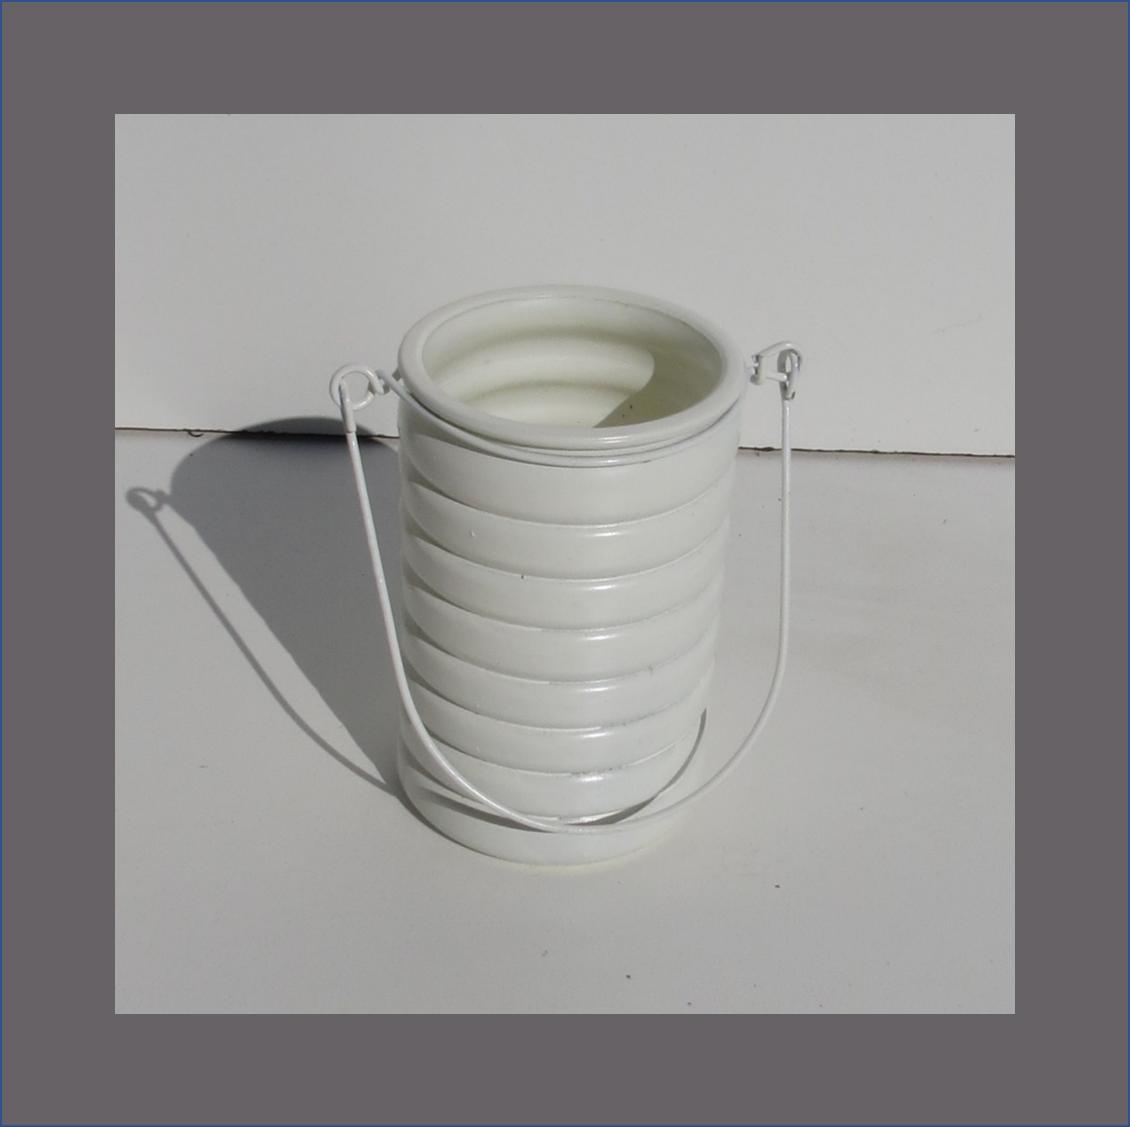 hanging-layered-vase